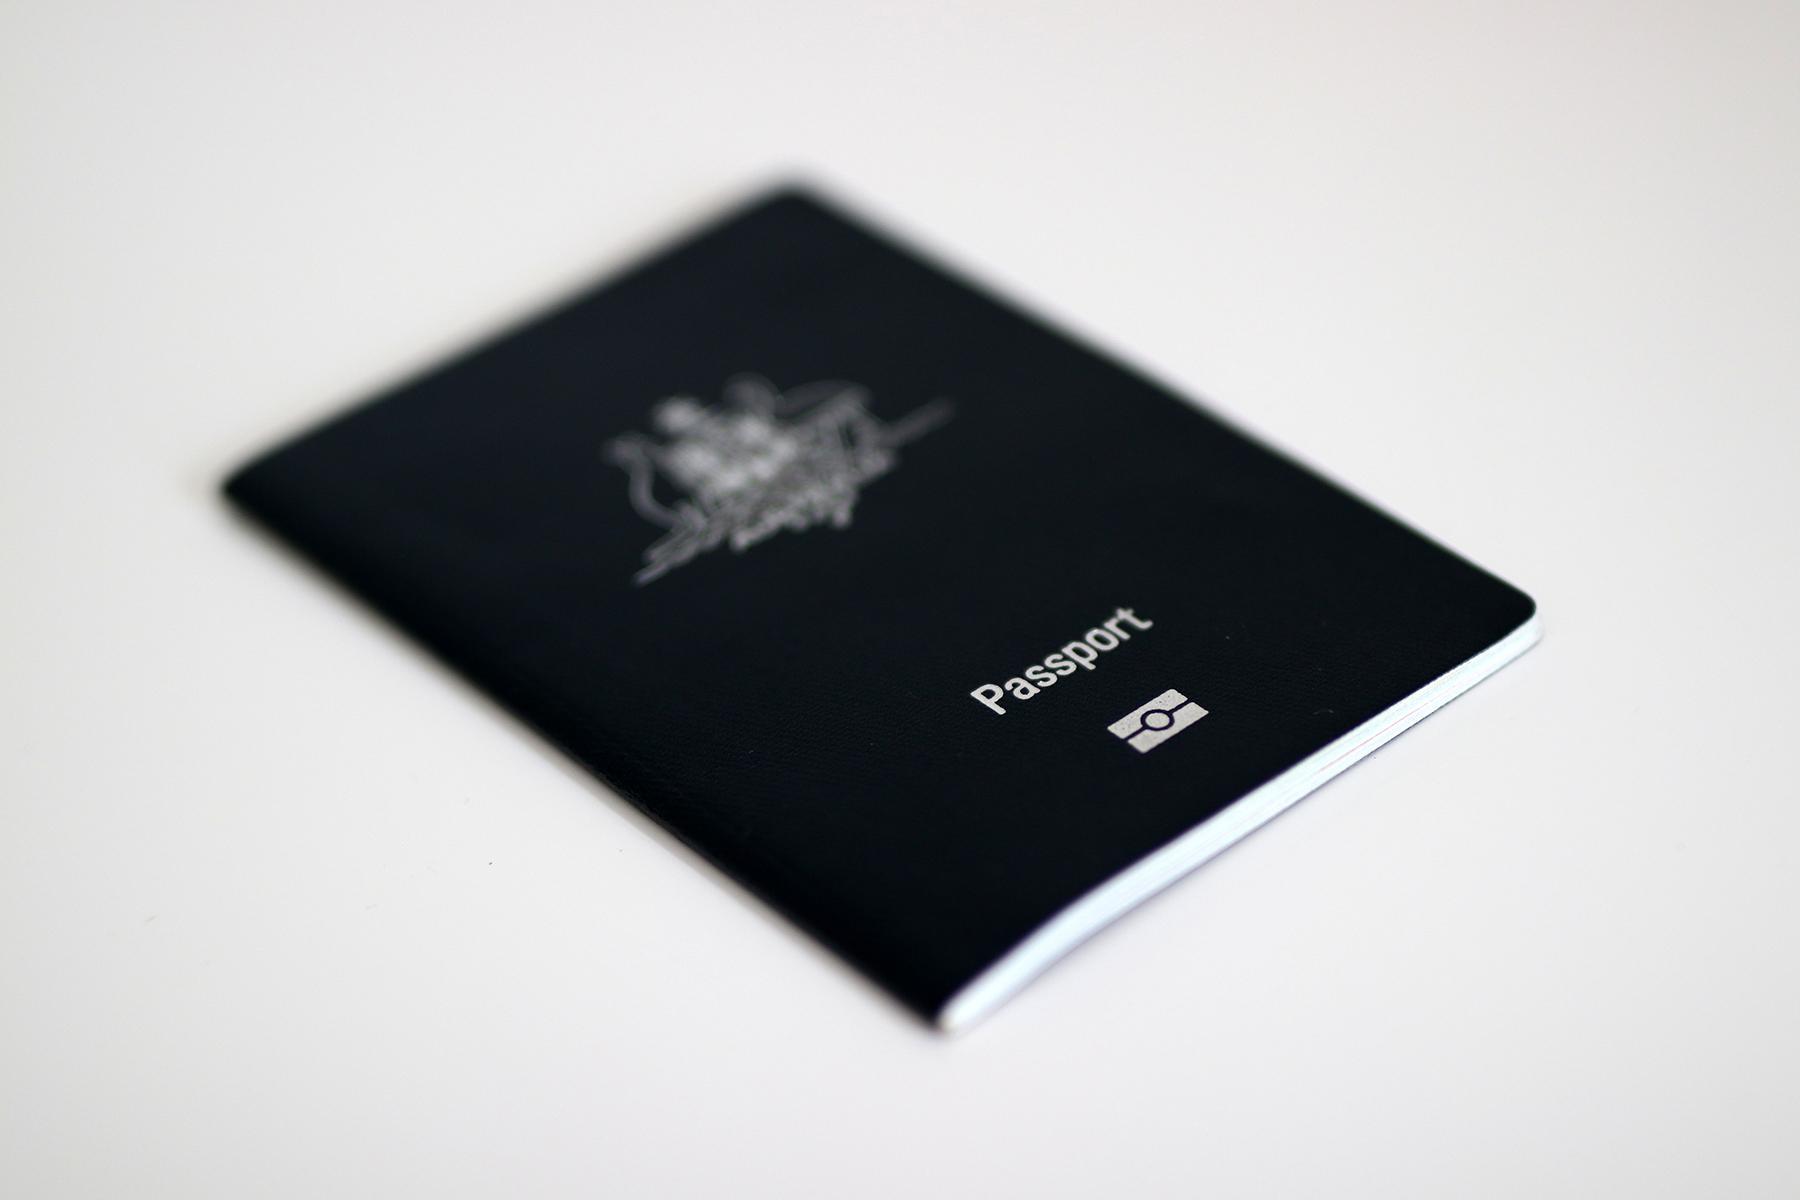 Closeup of an Australian passport